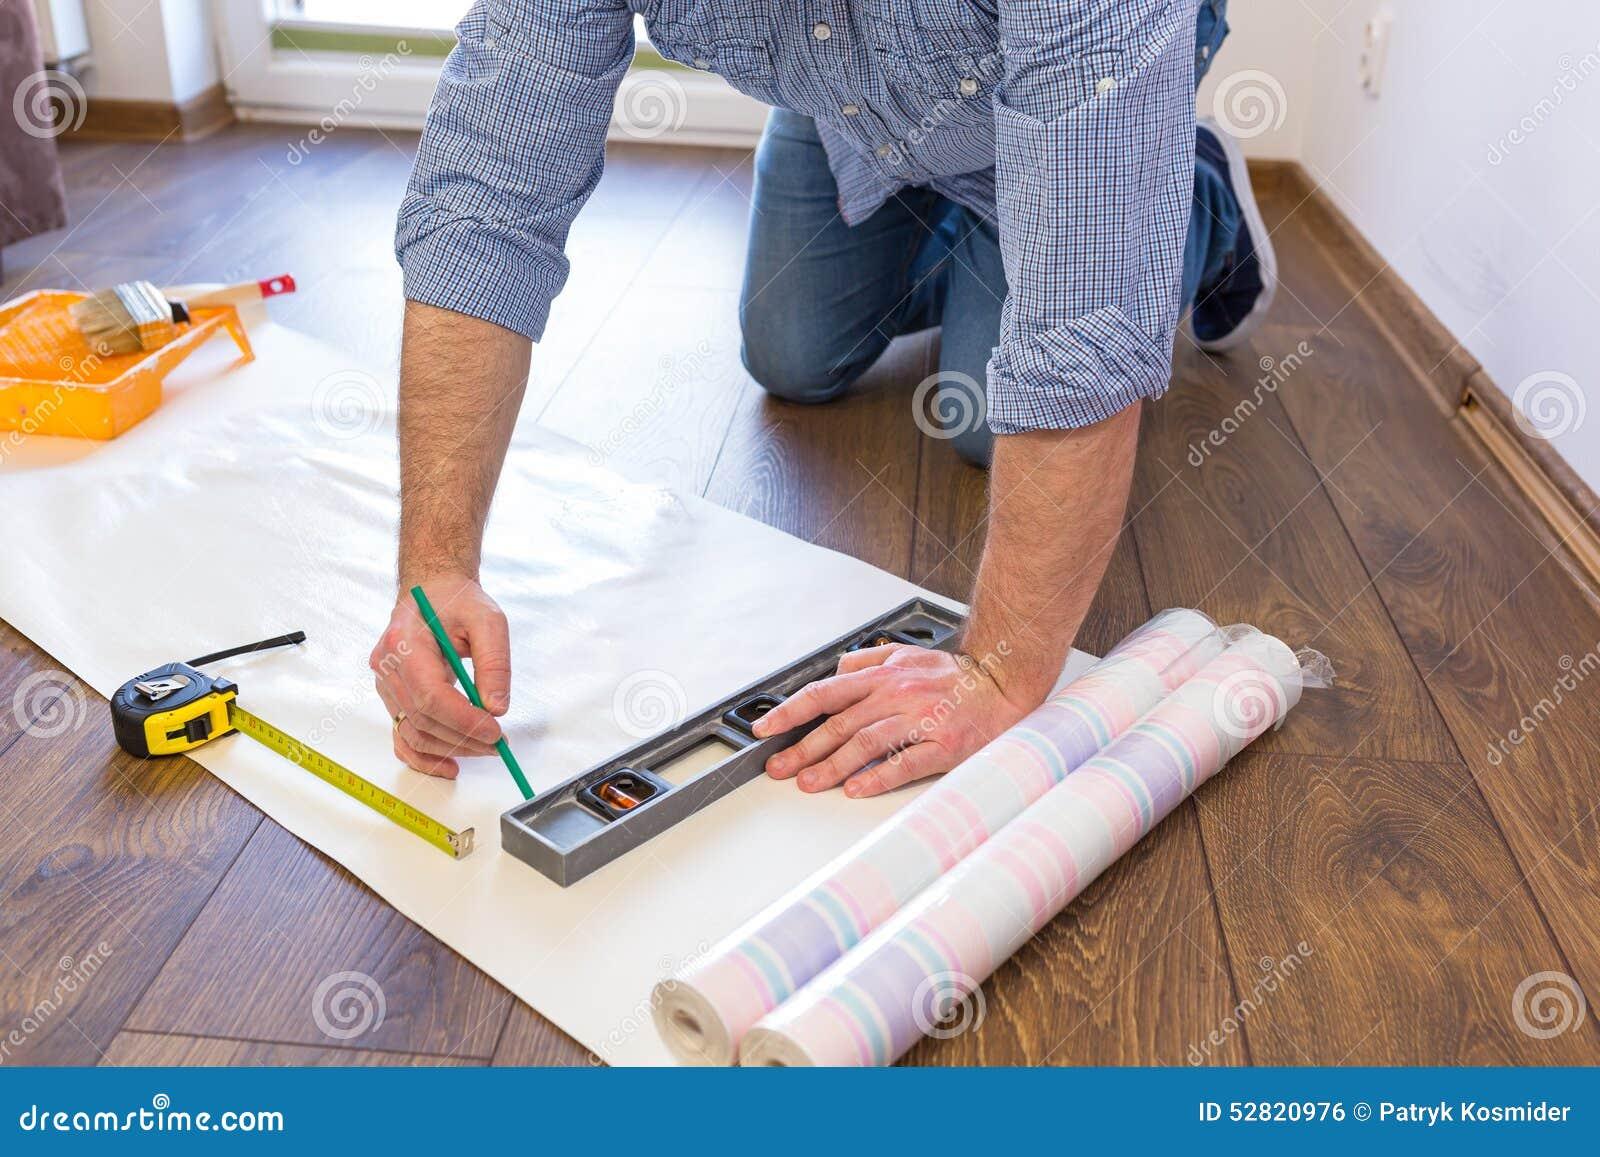 messende tapete des heimwerkers zu schneiden stockfoto - bild von